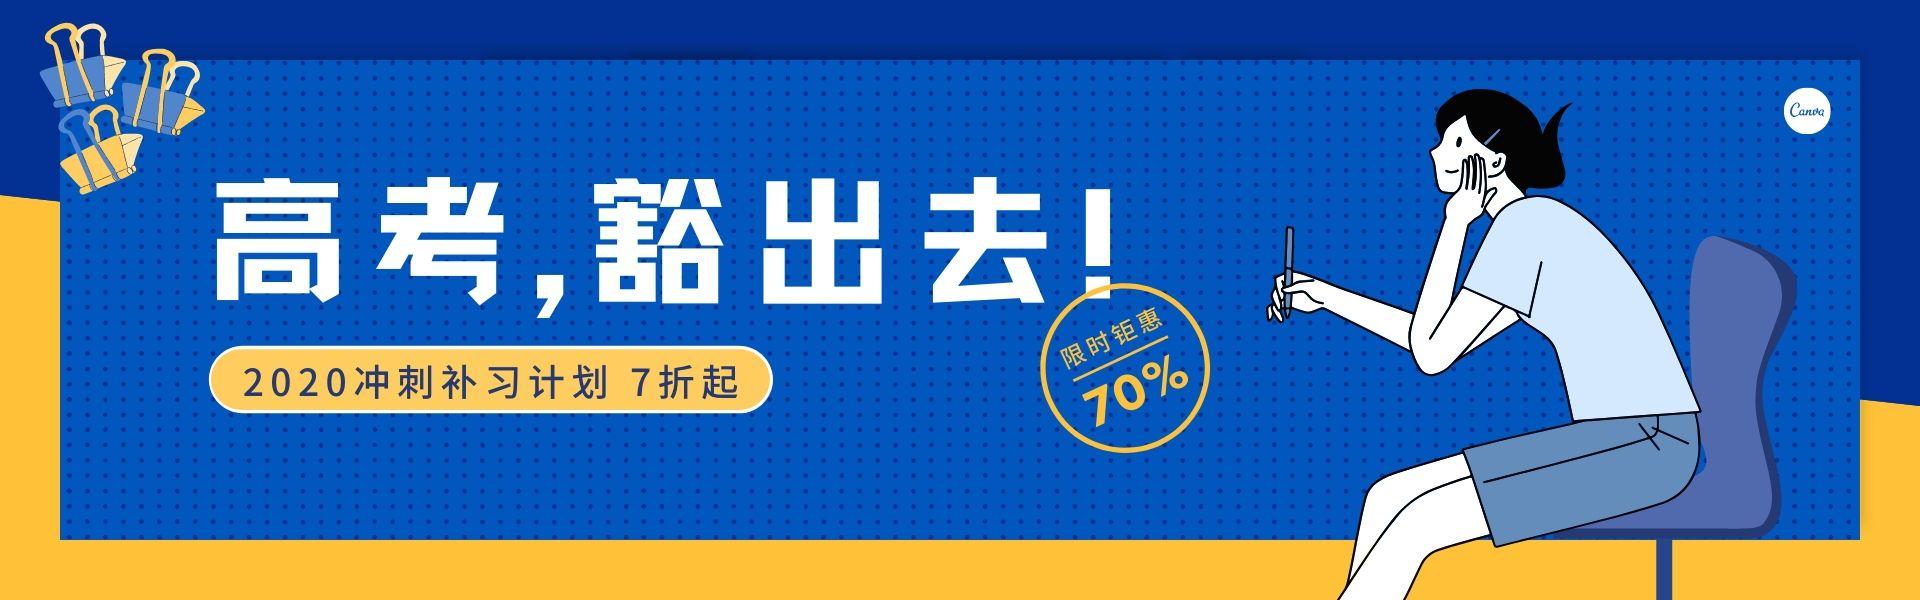 高考电商Banner